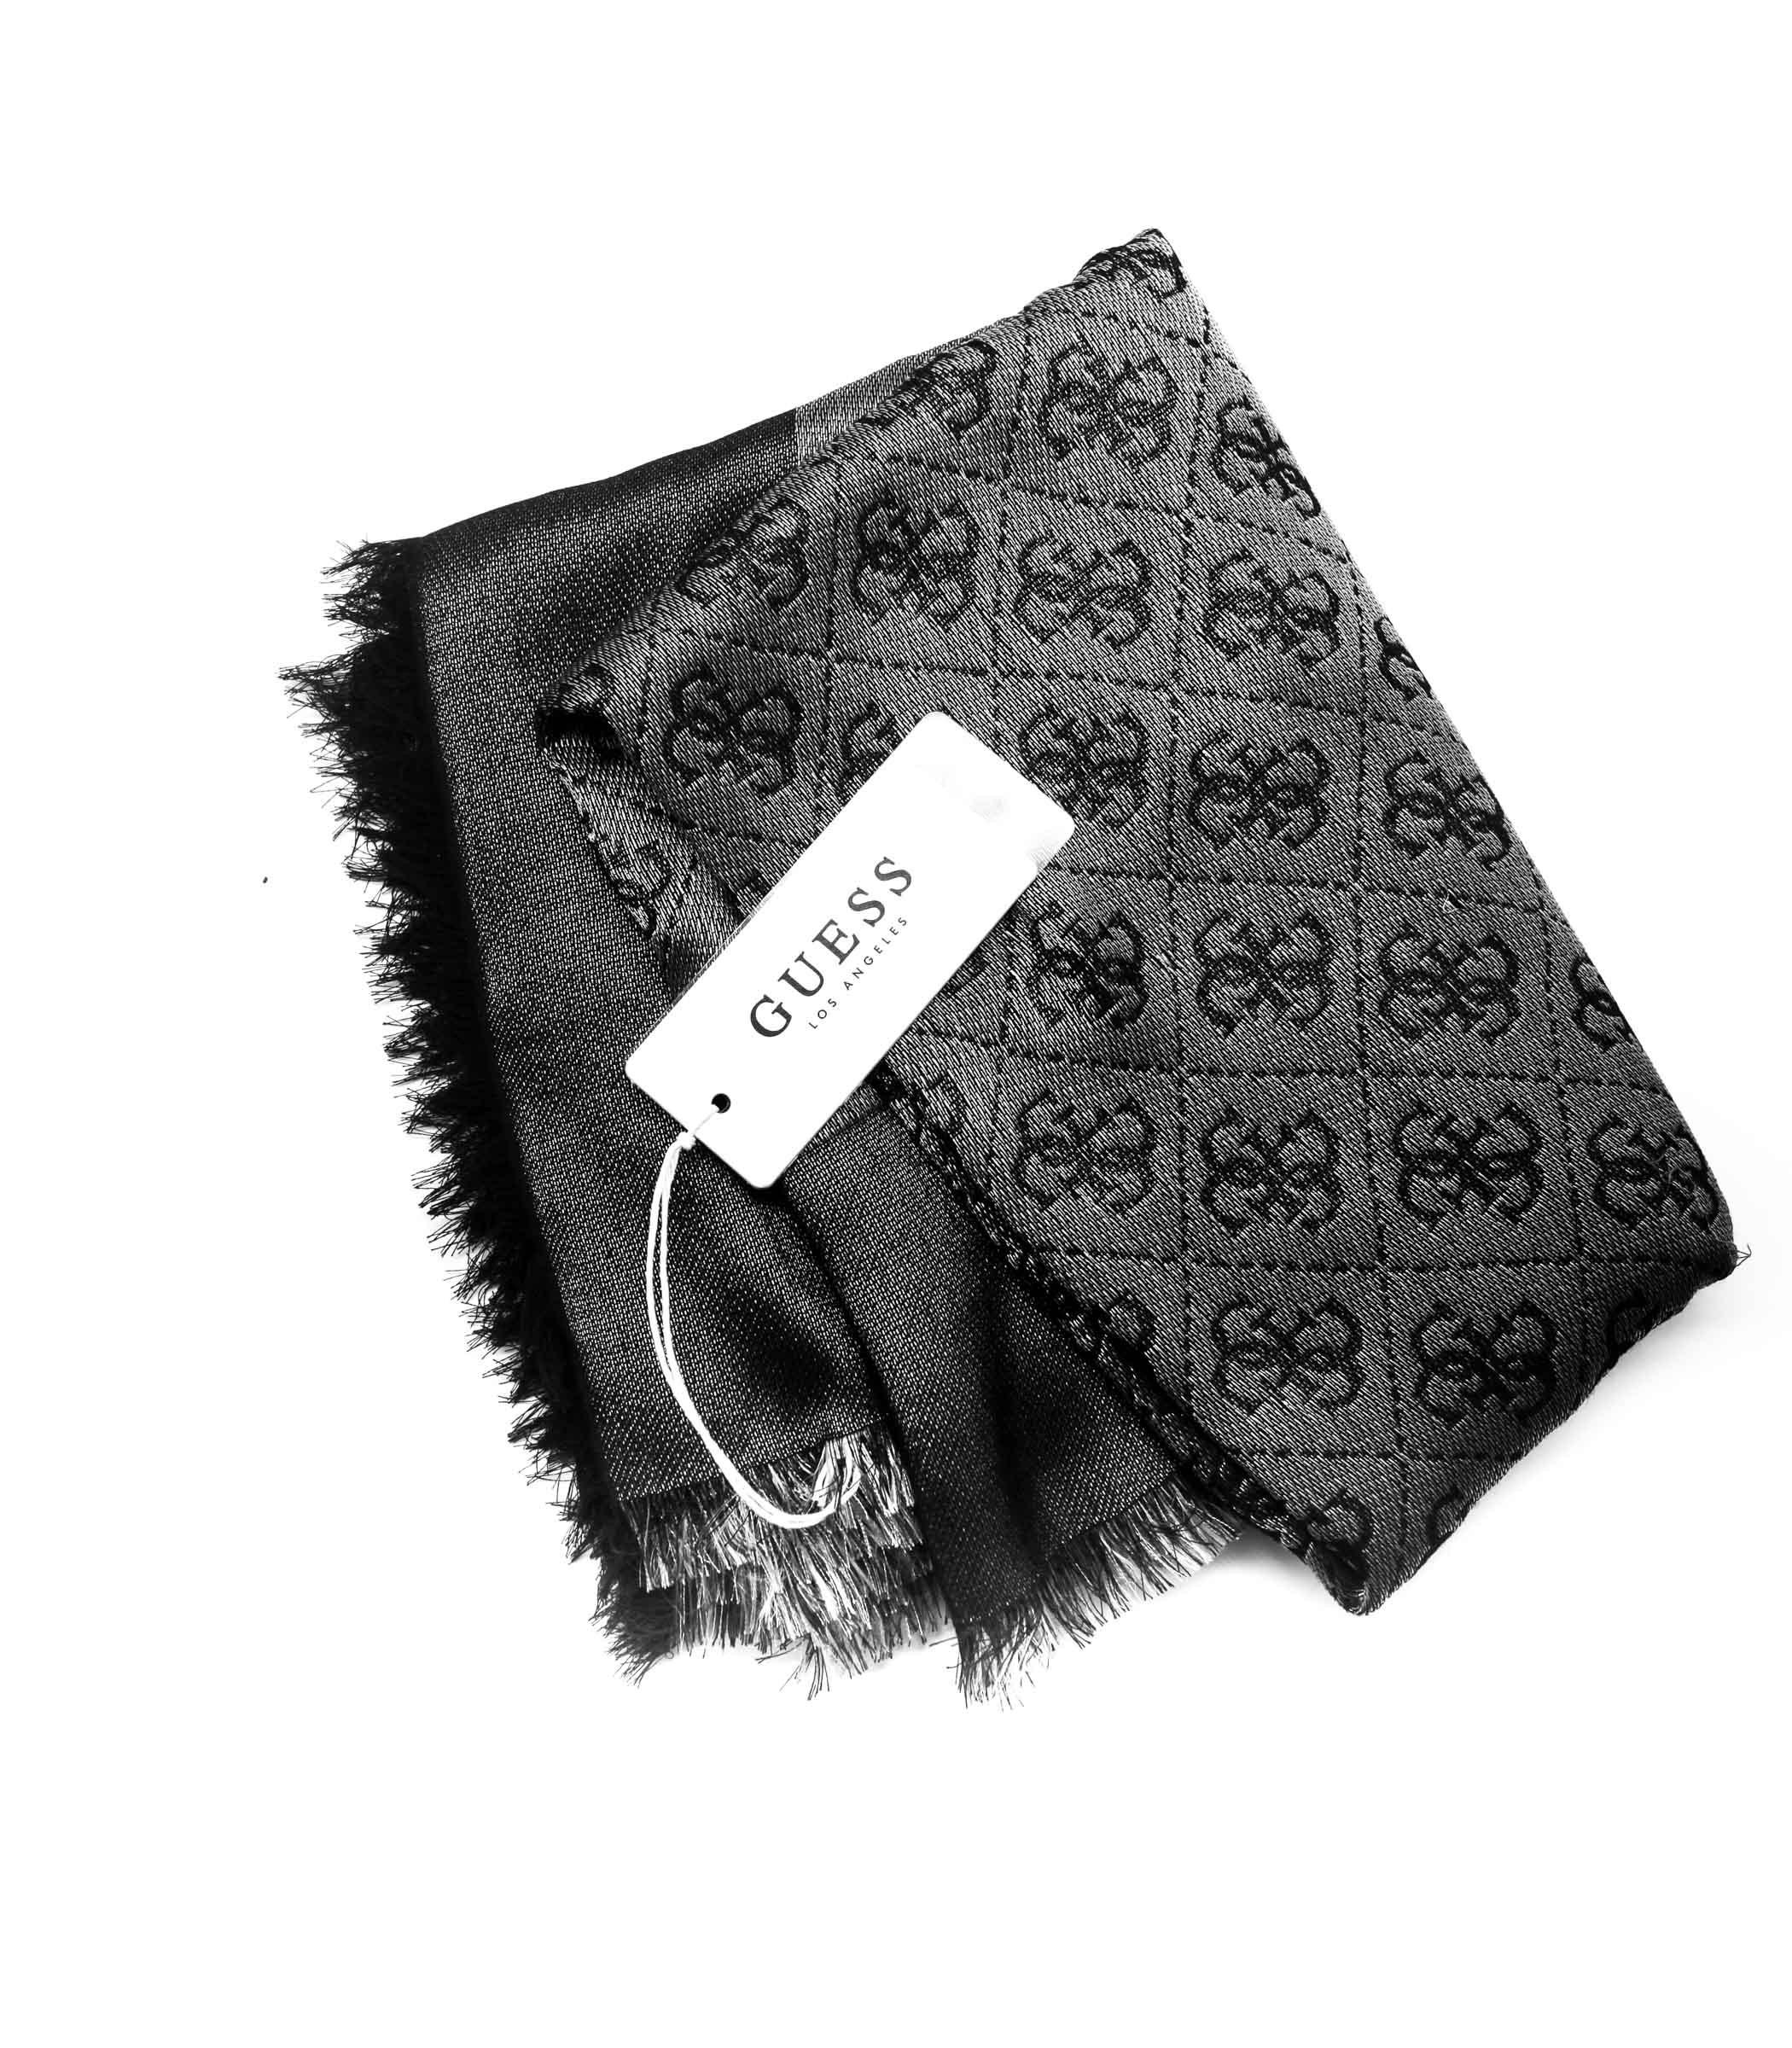 aspetto dettagliato 30426 3e26d Foulard GUESS con logo ripetuto da donna grigio nero rif ...